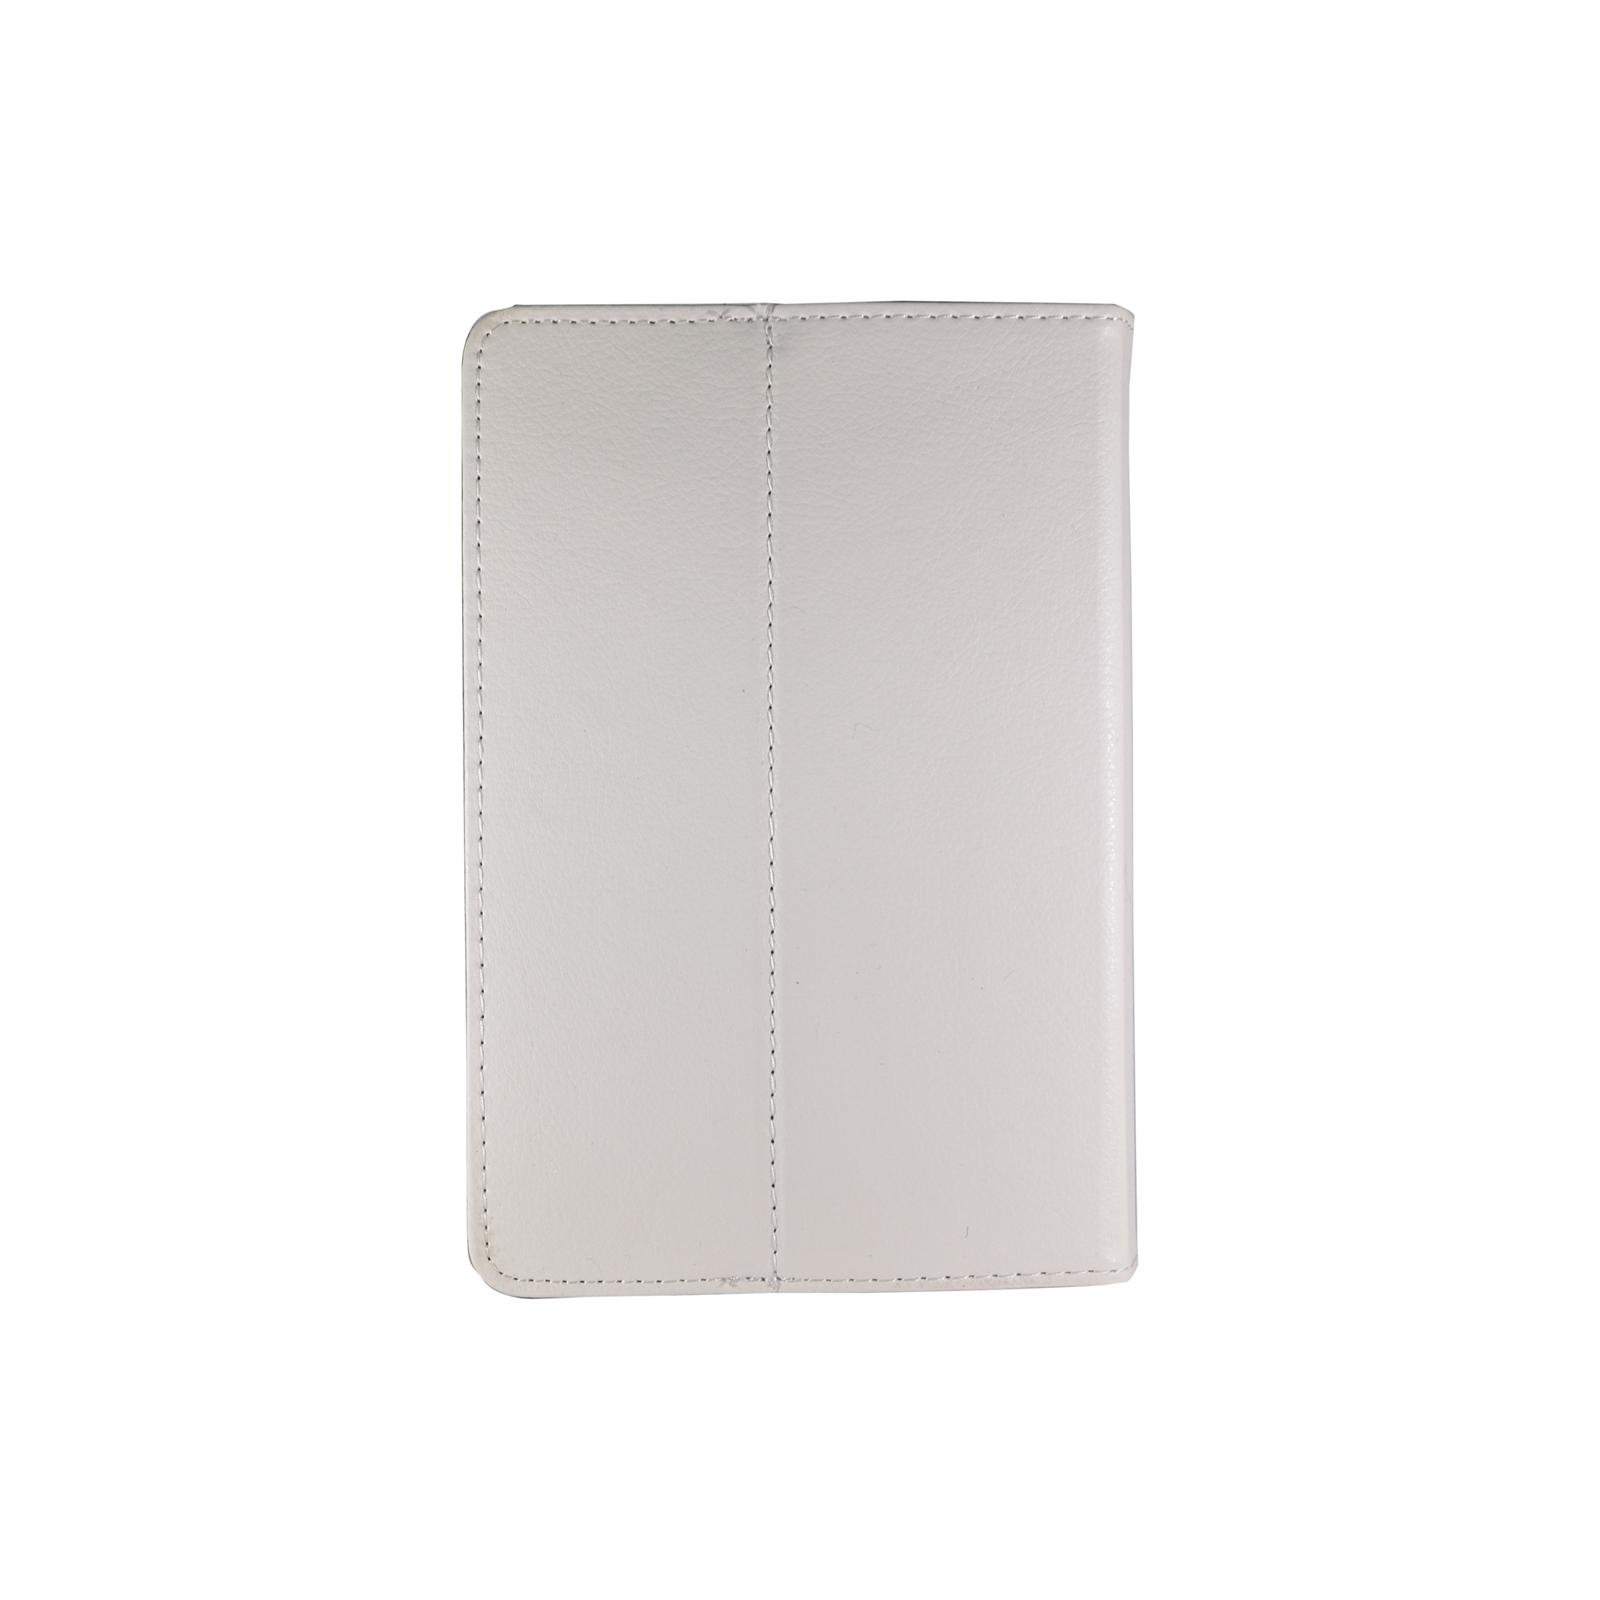 """Чехол для планшета Pro-case 10"""" универсальный case fits up green (UNS-011 wh) изображение 2"""